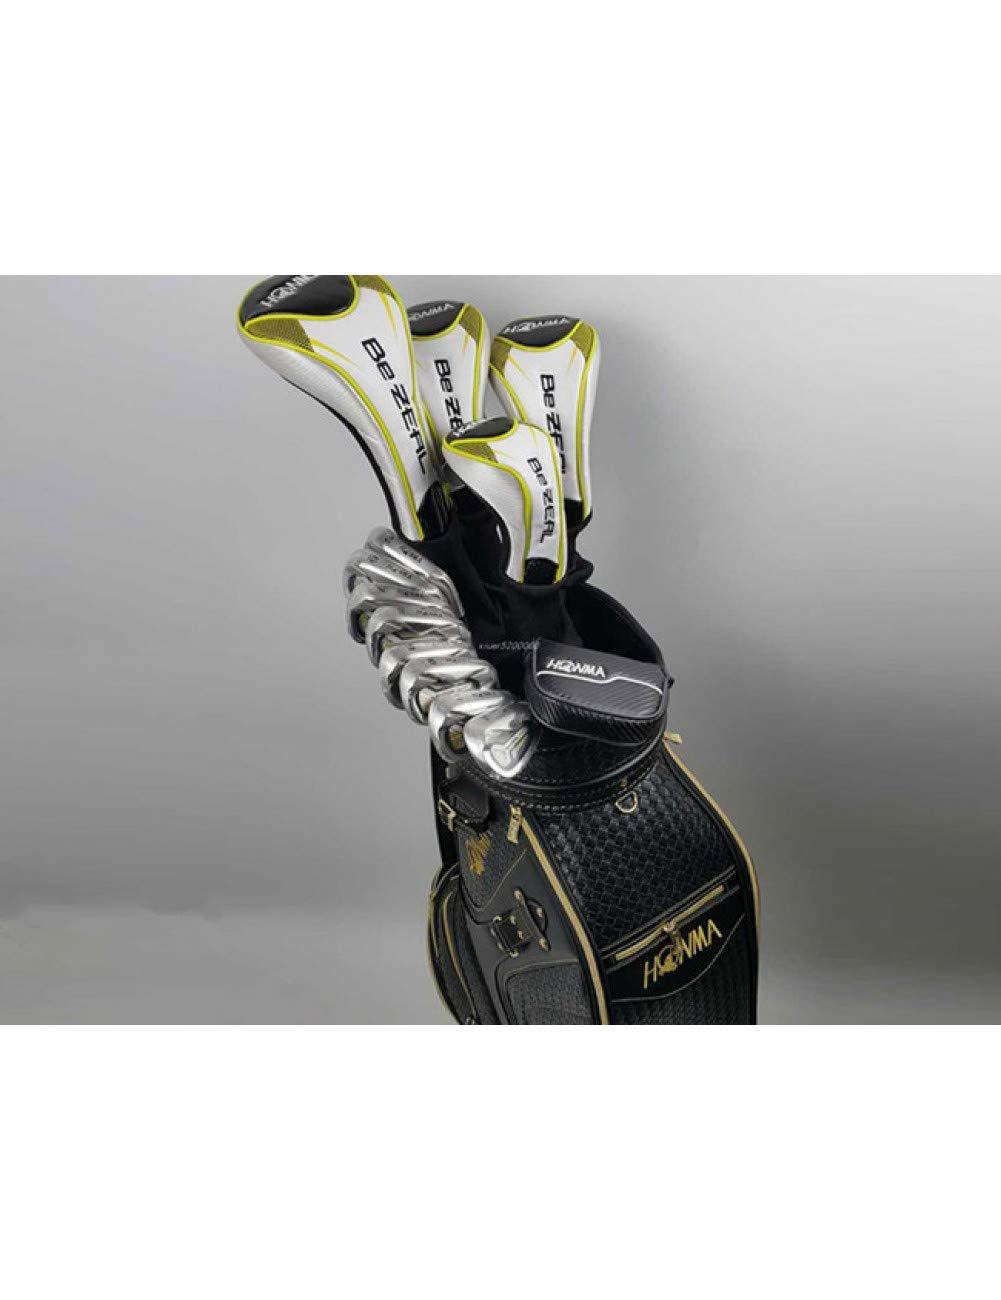 HDPP Club De Golf 525 Set Completo De Palos De Golf Driver + ...